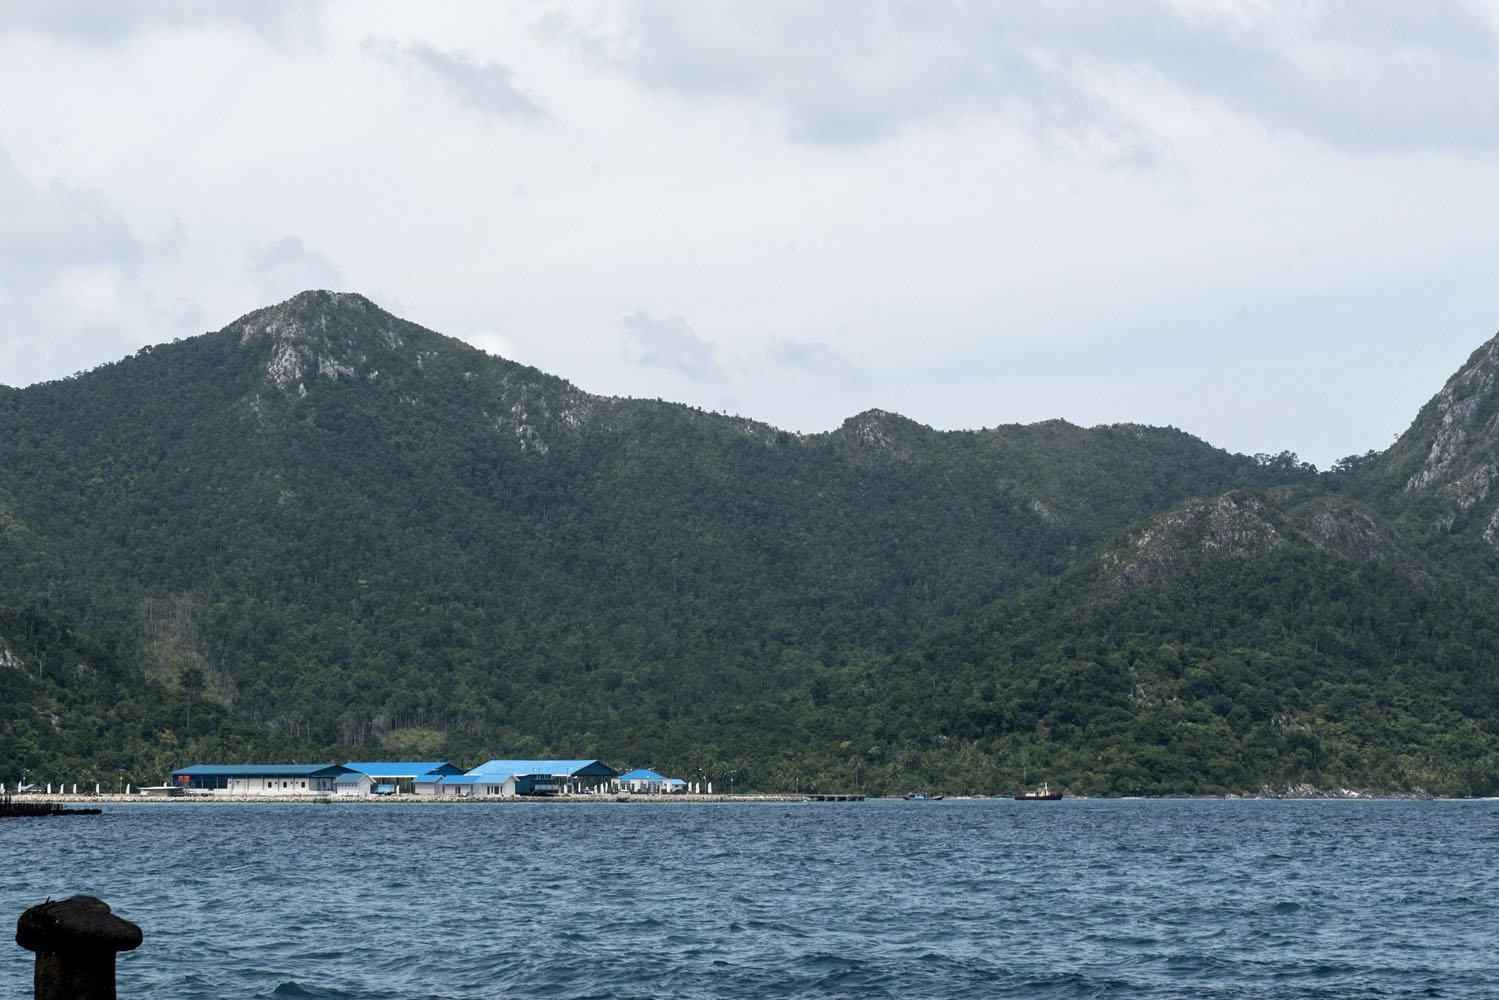 Cold Storage Unit Pengolahan Ikan Perum Perindo, Selat Lampa, Kabupaten Natuna, Kepulauan Riau, Kamis (3/8).